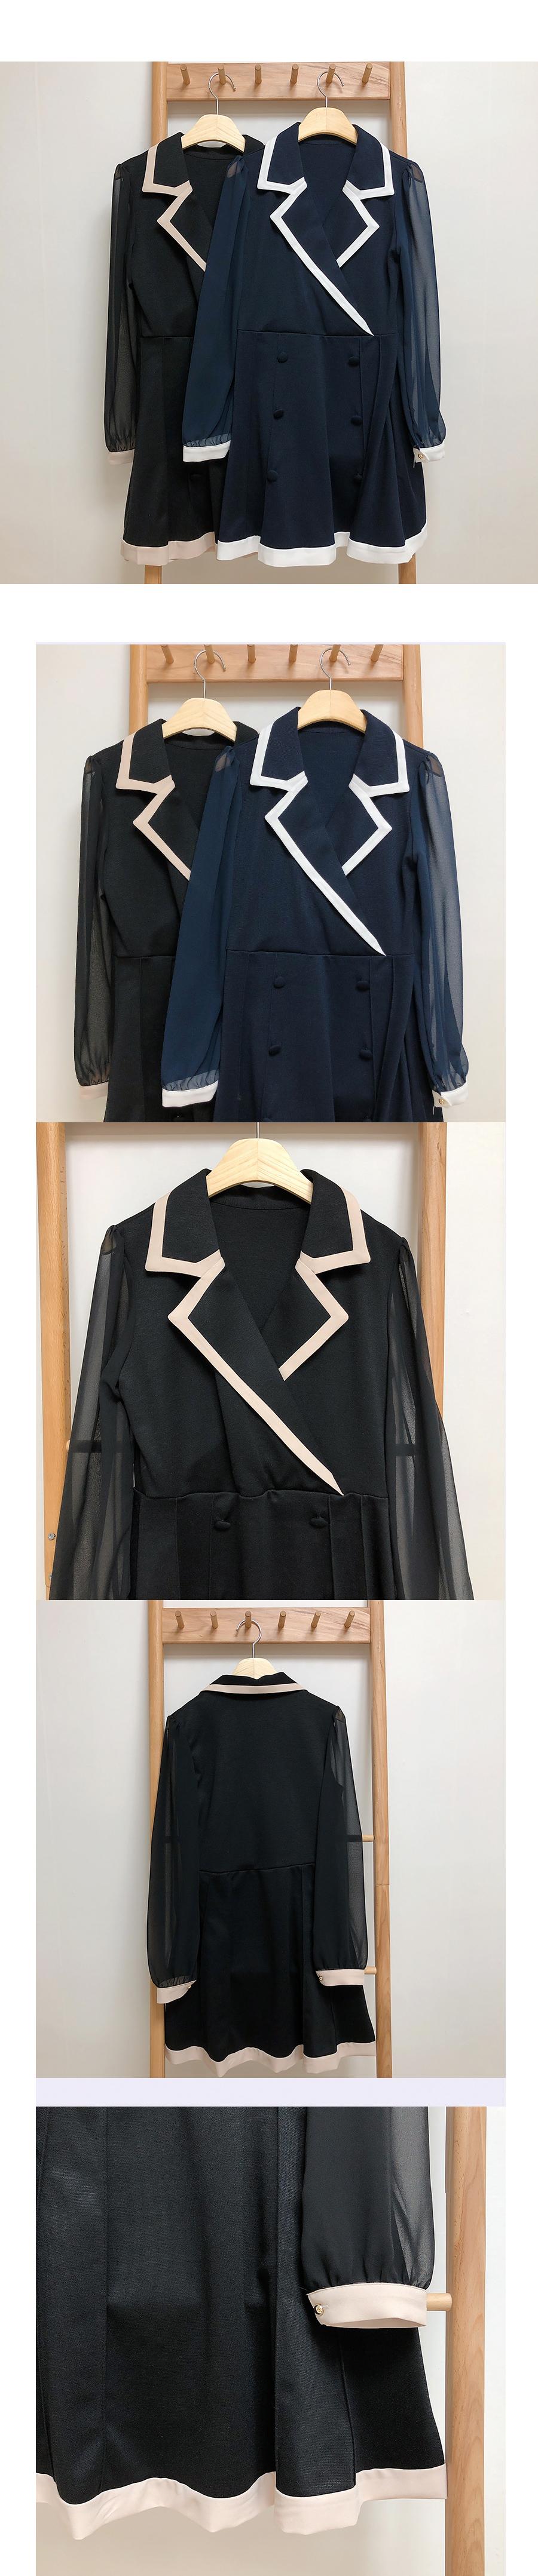 Maren color collar jacket ops